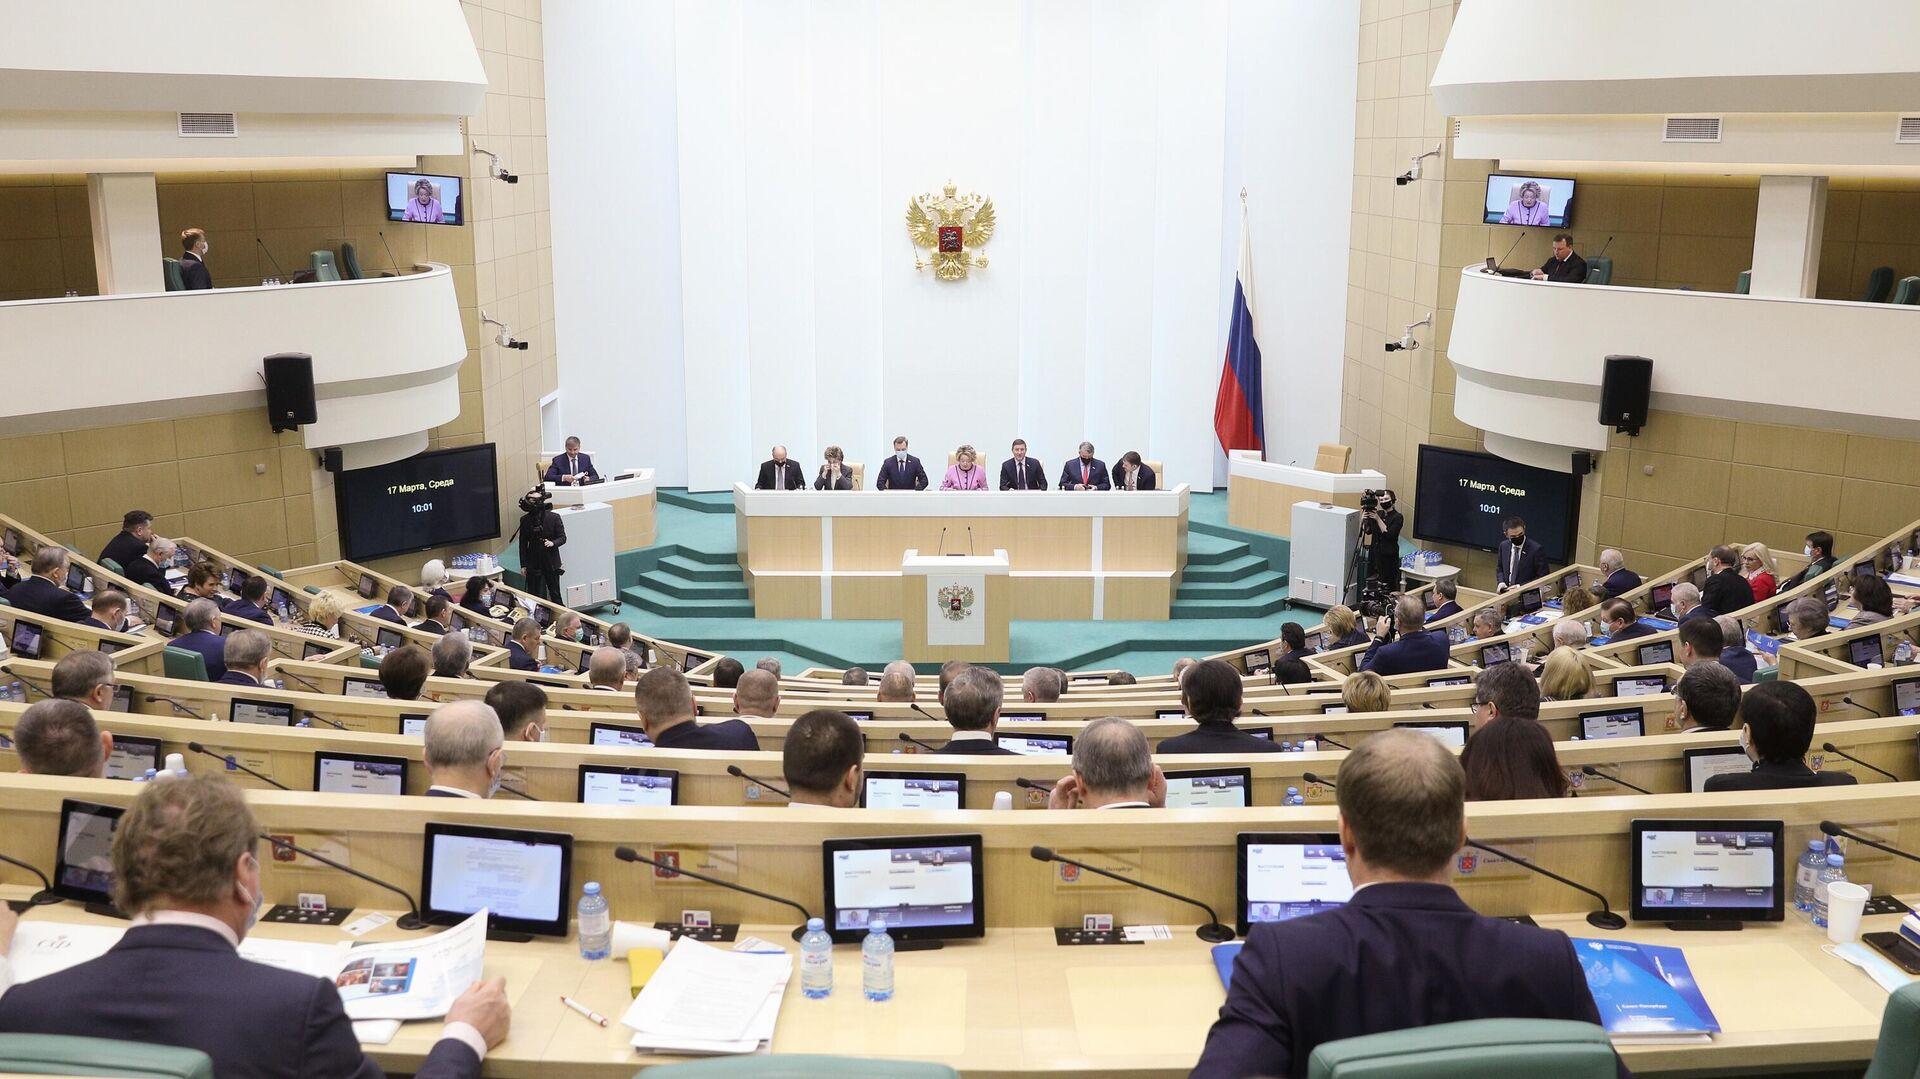 Сенаторы на заседании Совета Федерации РФ - РИА Новости, 1920, 07.04.2021